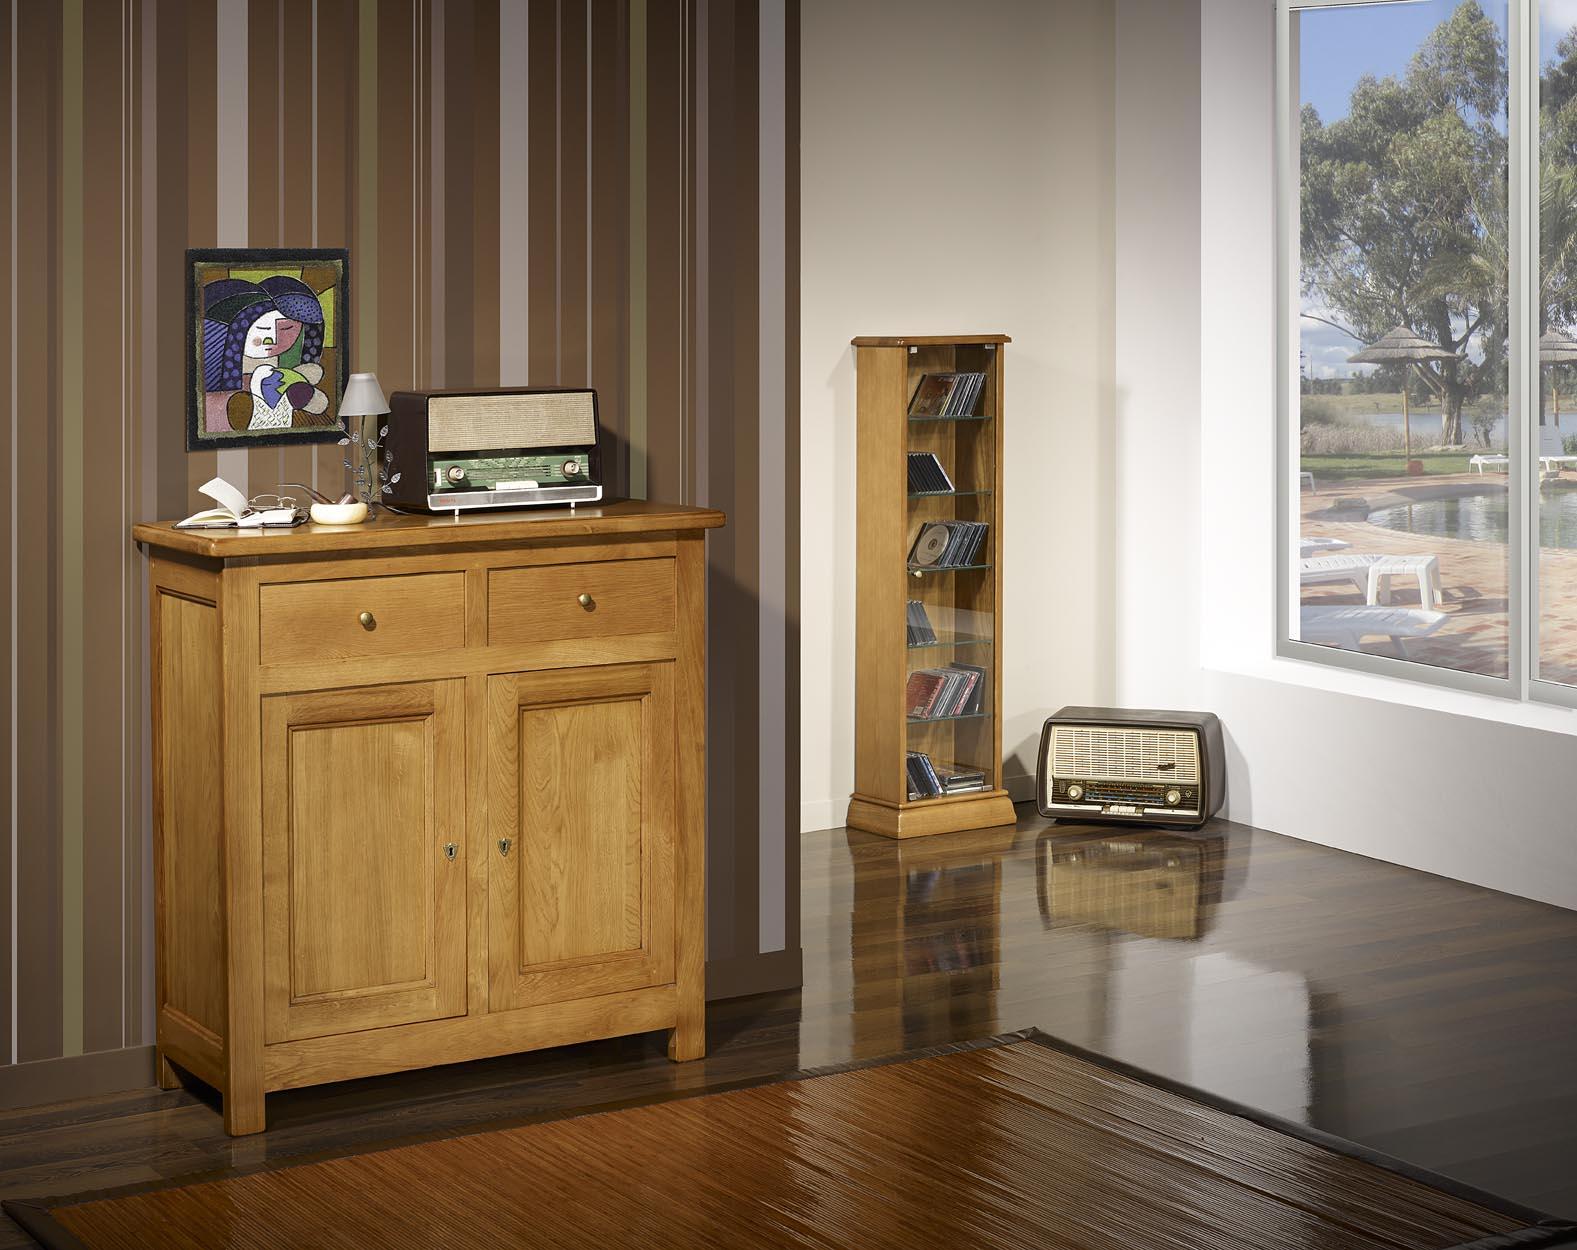 Petit buffet 2 portes 2 tiroirs en ch ne massif de style for Solde meuble tv